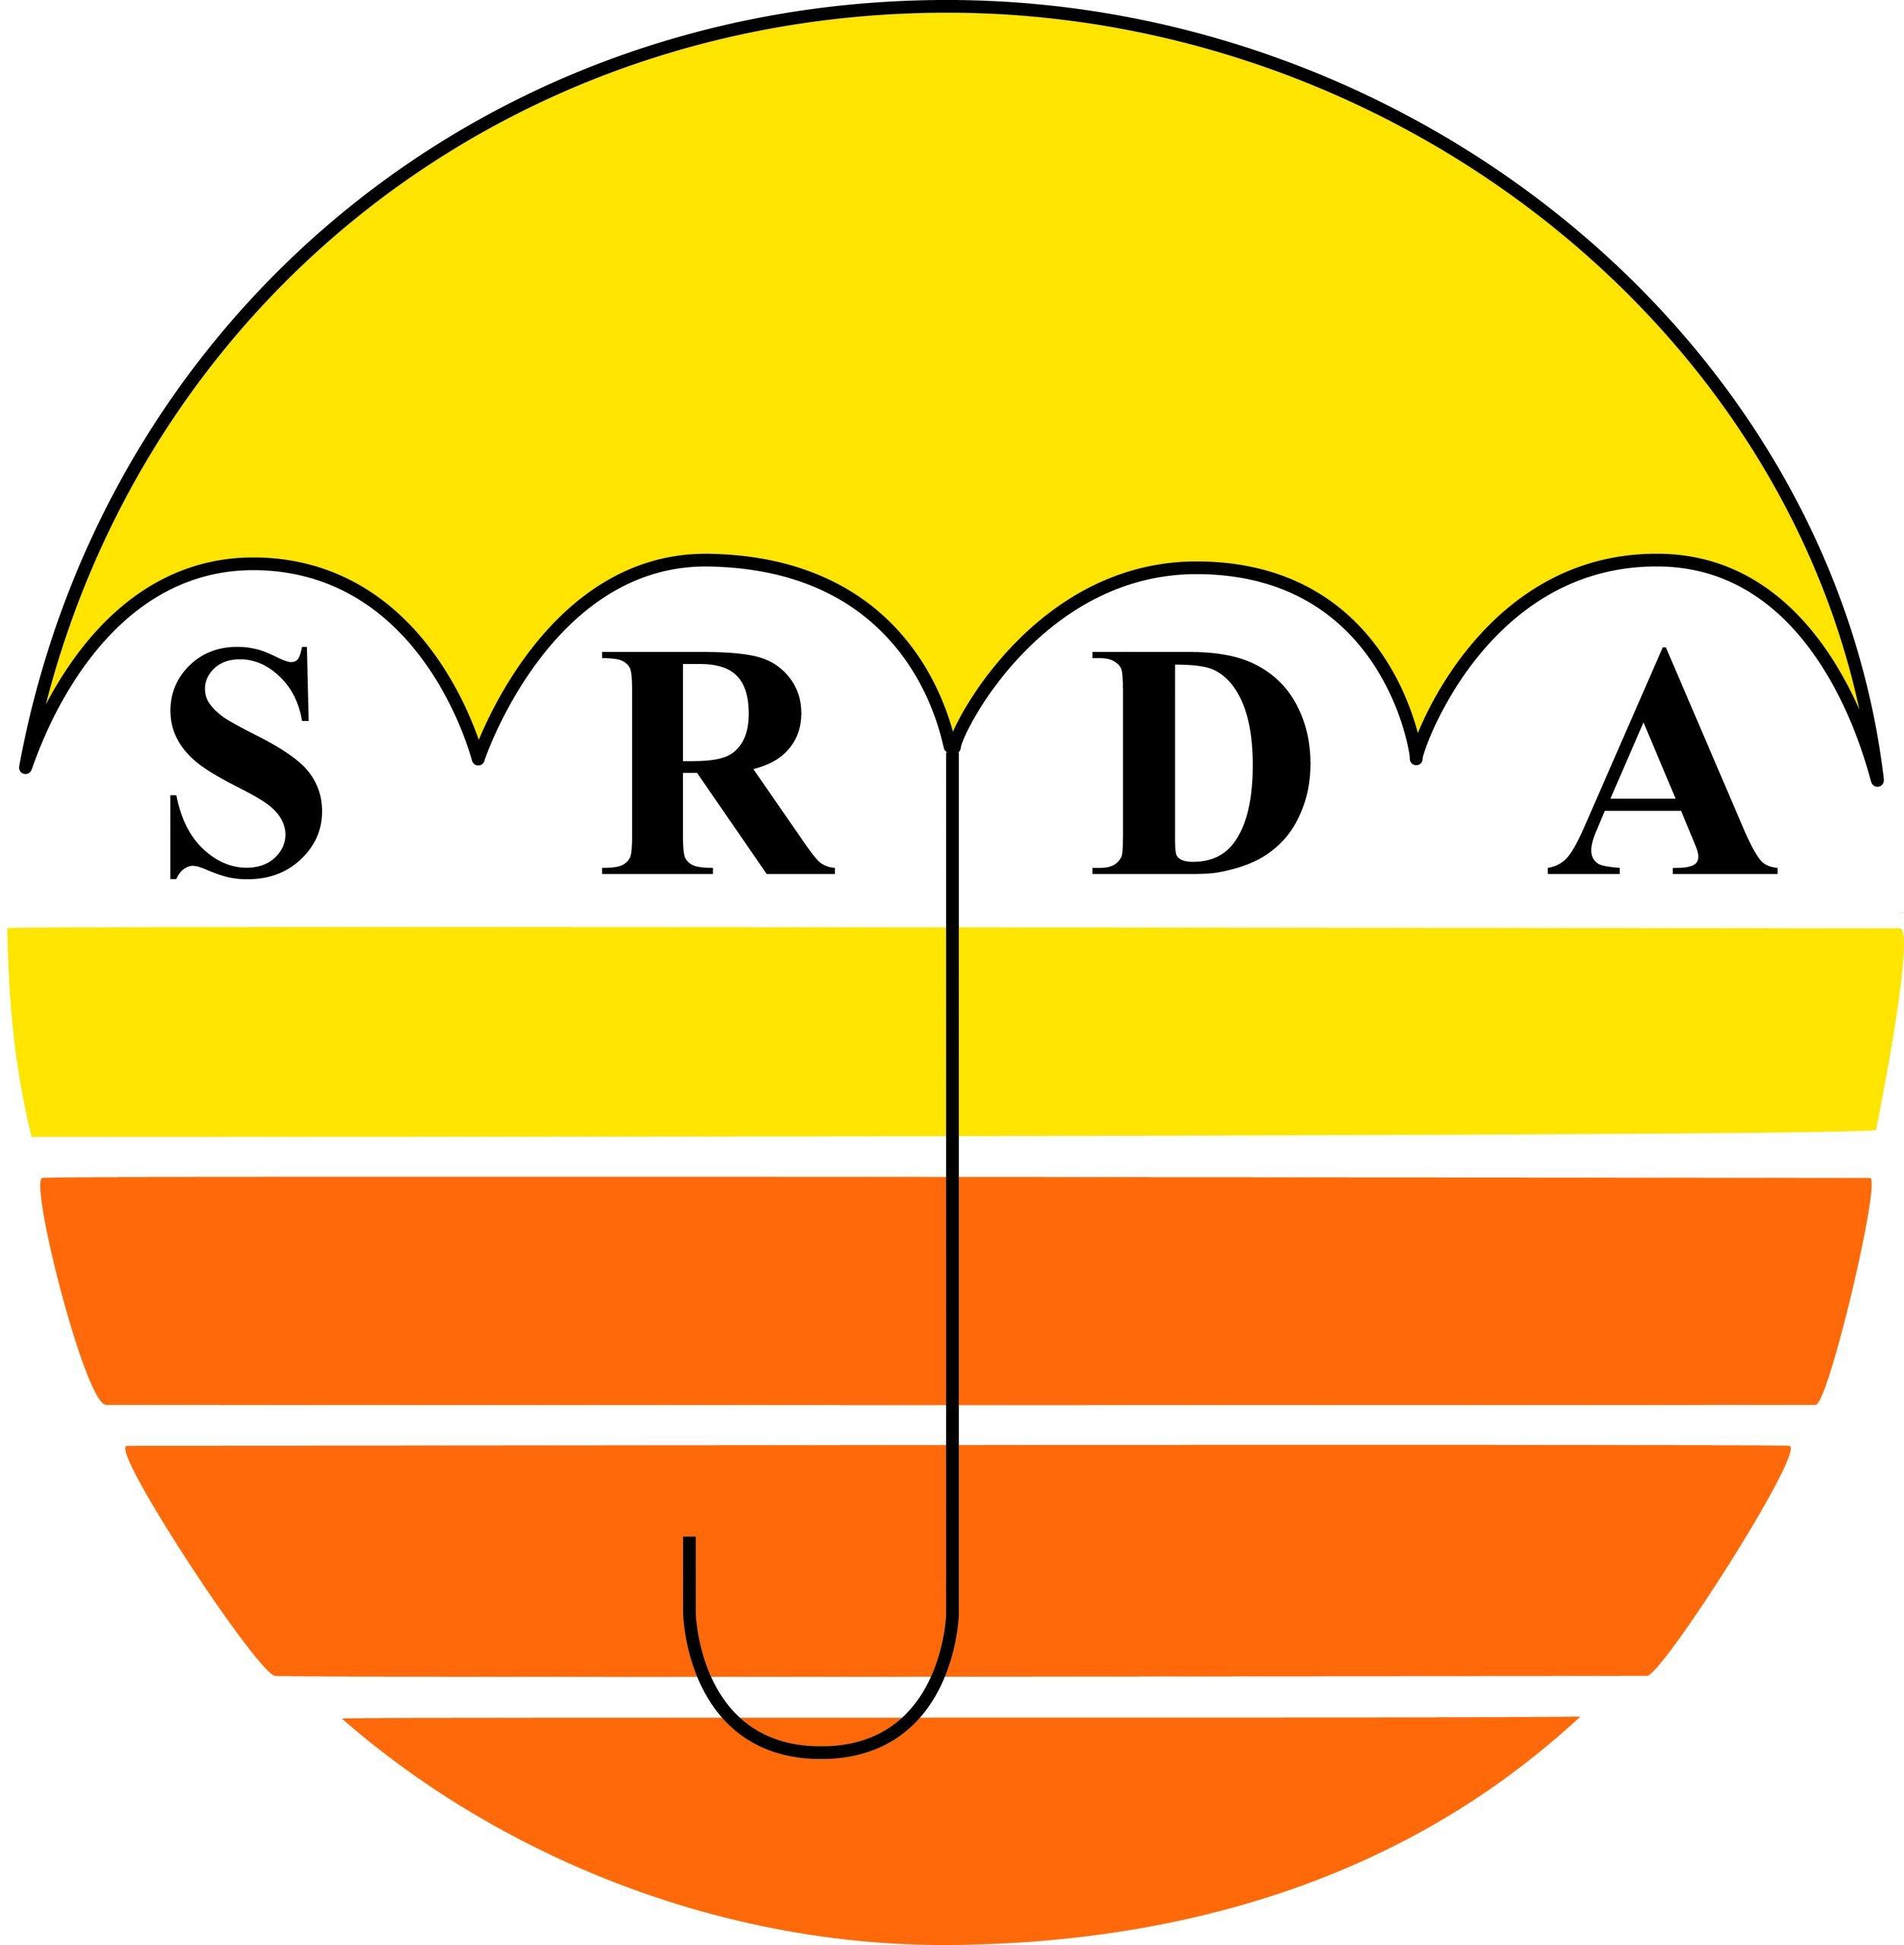 SRDA logo